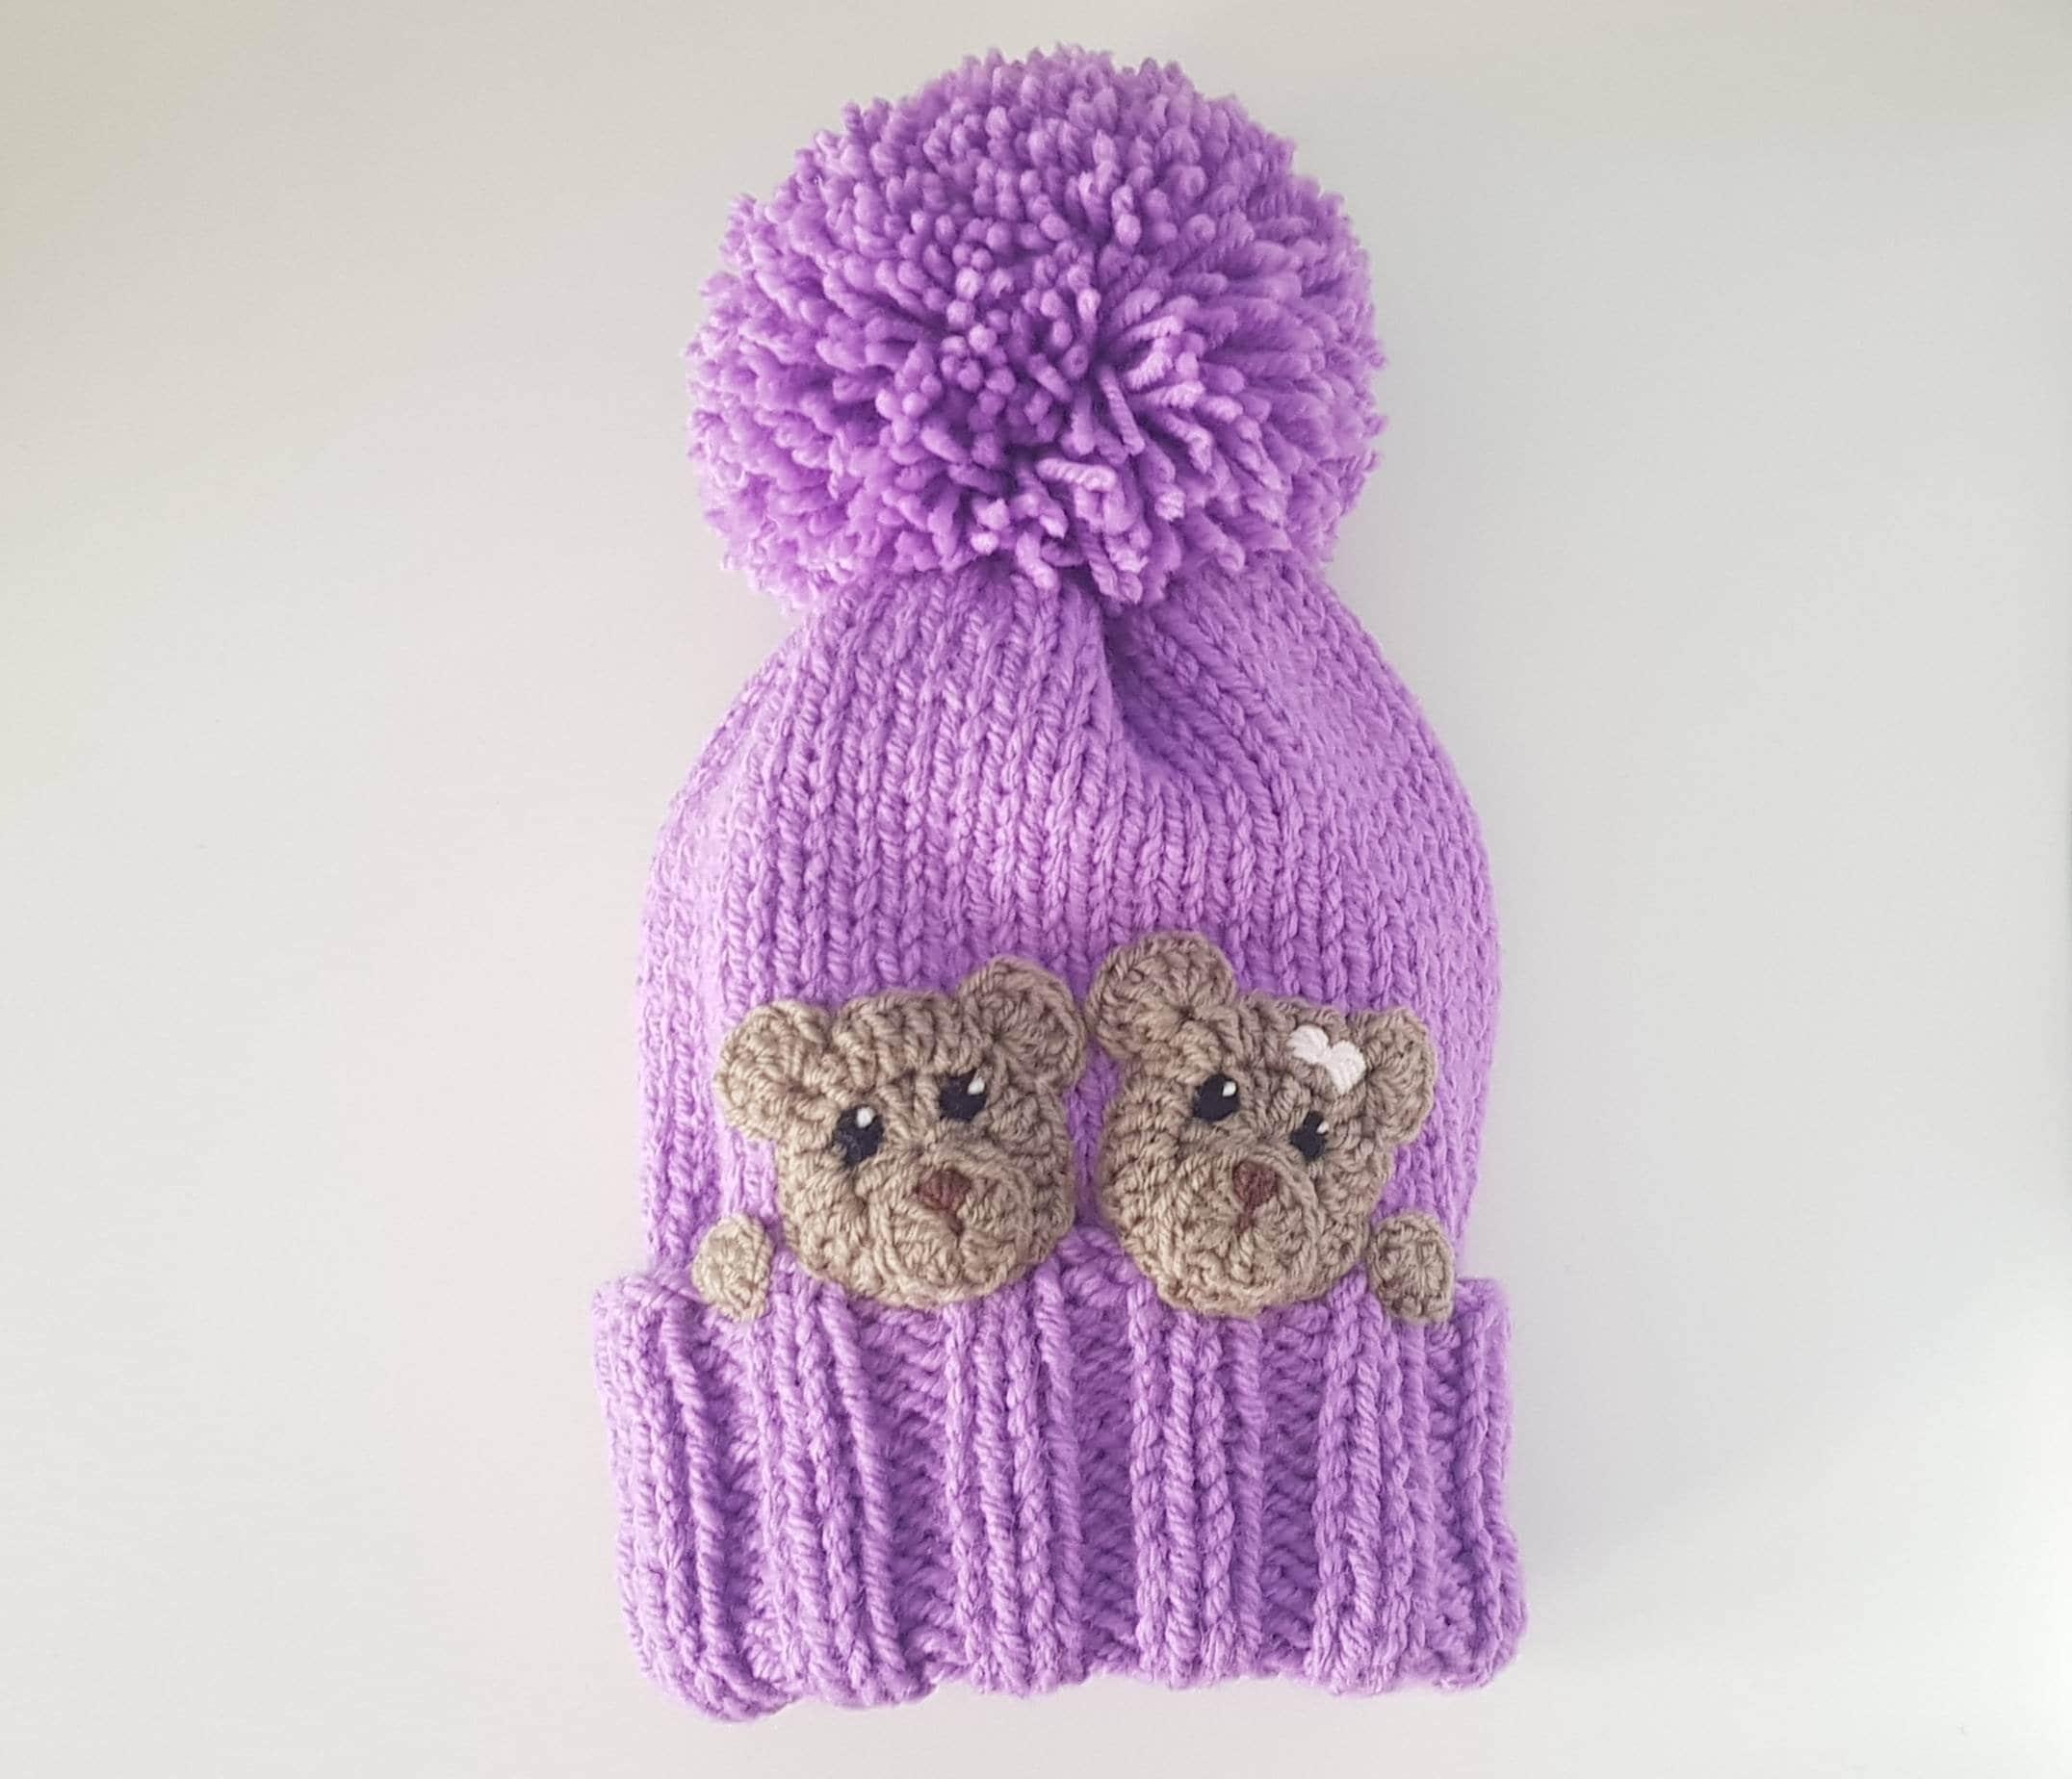 11273b16a Knit Winter Hat, Bear Hat, Kids Hat, Pom Pom Hat, Winter Outfit, Cute Girls  Hat, Beanie Hat, Knit Beanie, Animal Hat, Knit Kids Hat